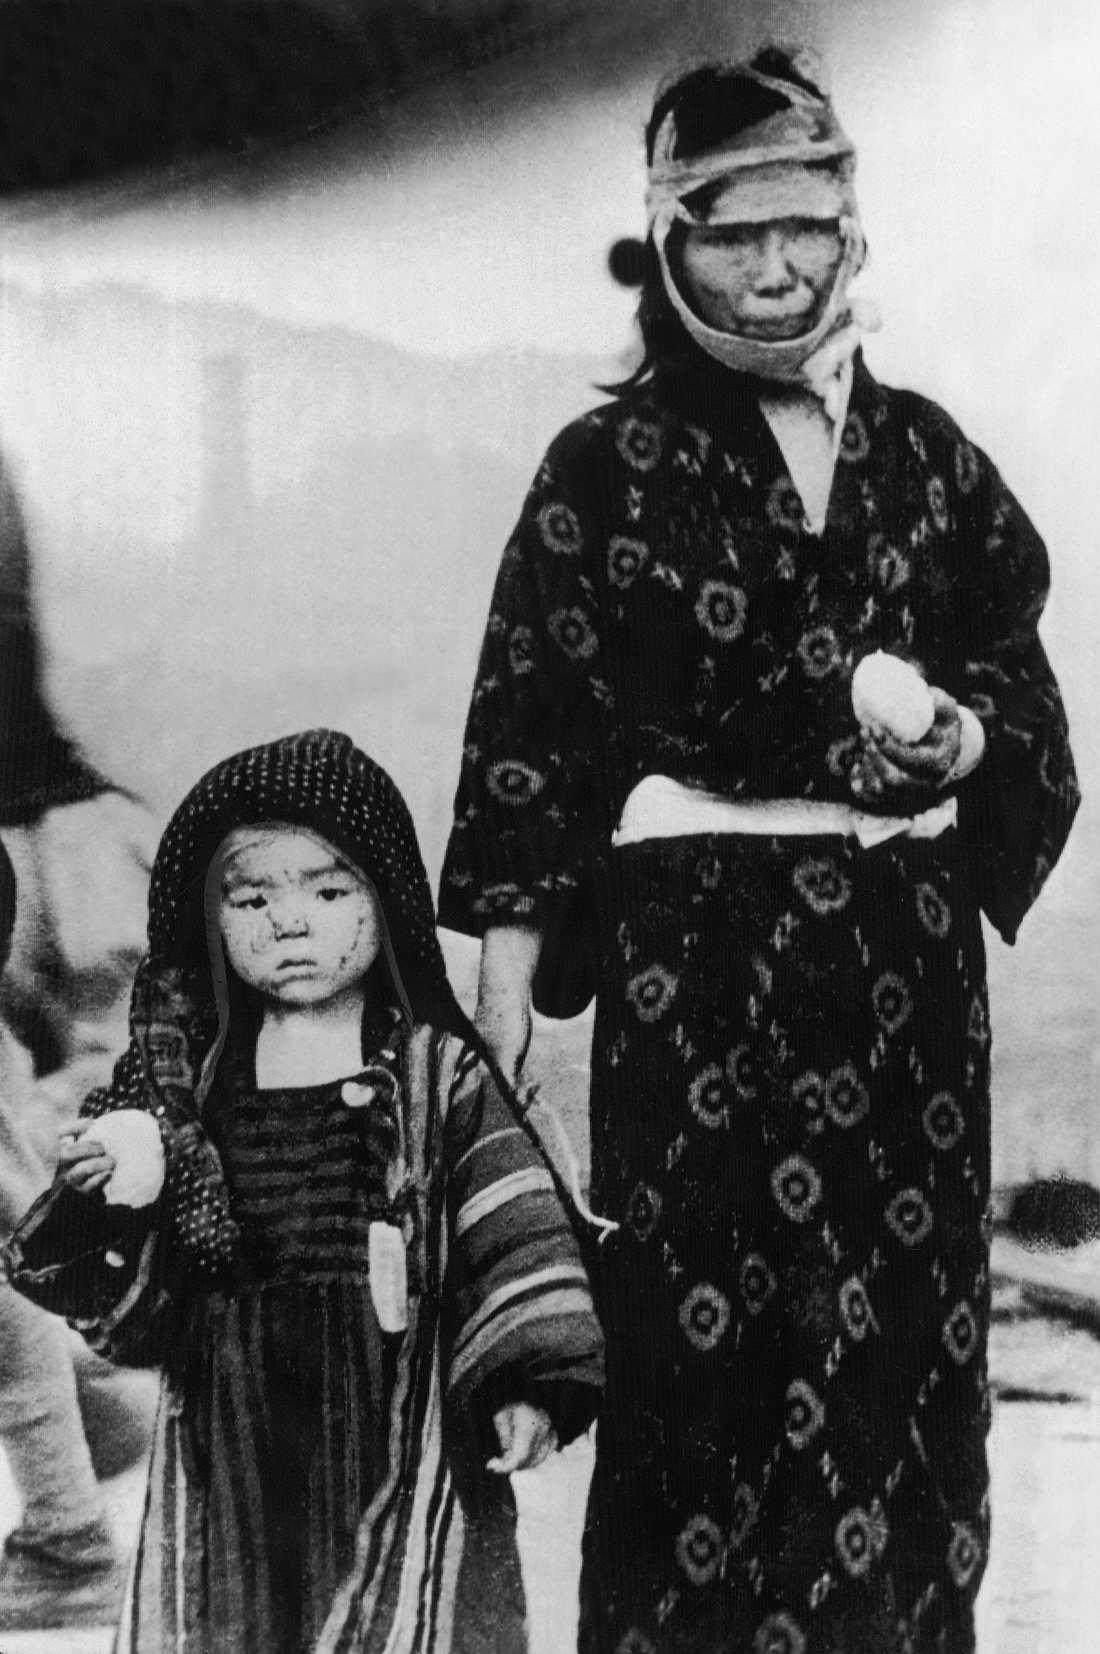 Överlevde En kvinna och ett barn som överlevde den andra bombningen, i Nagasaki, den 9 augusti 1945.